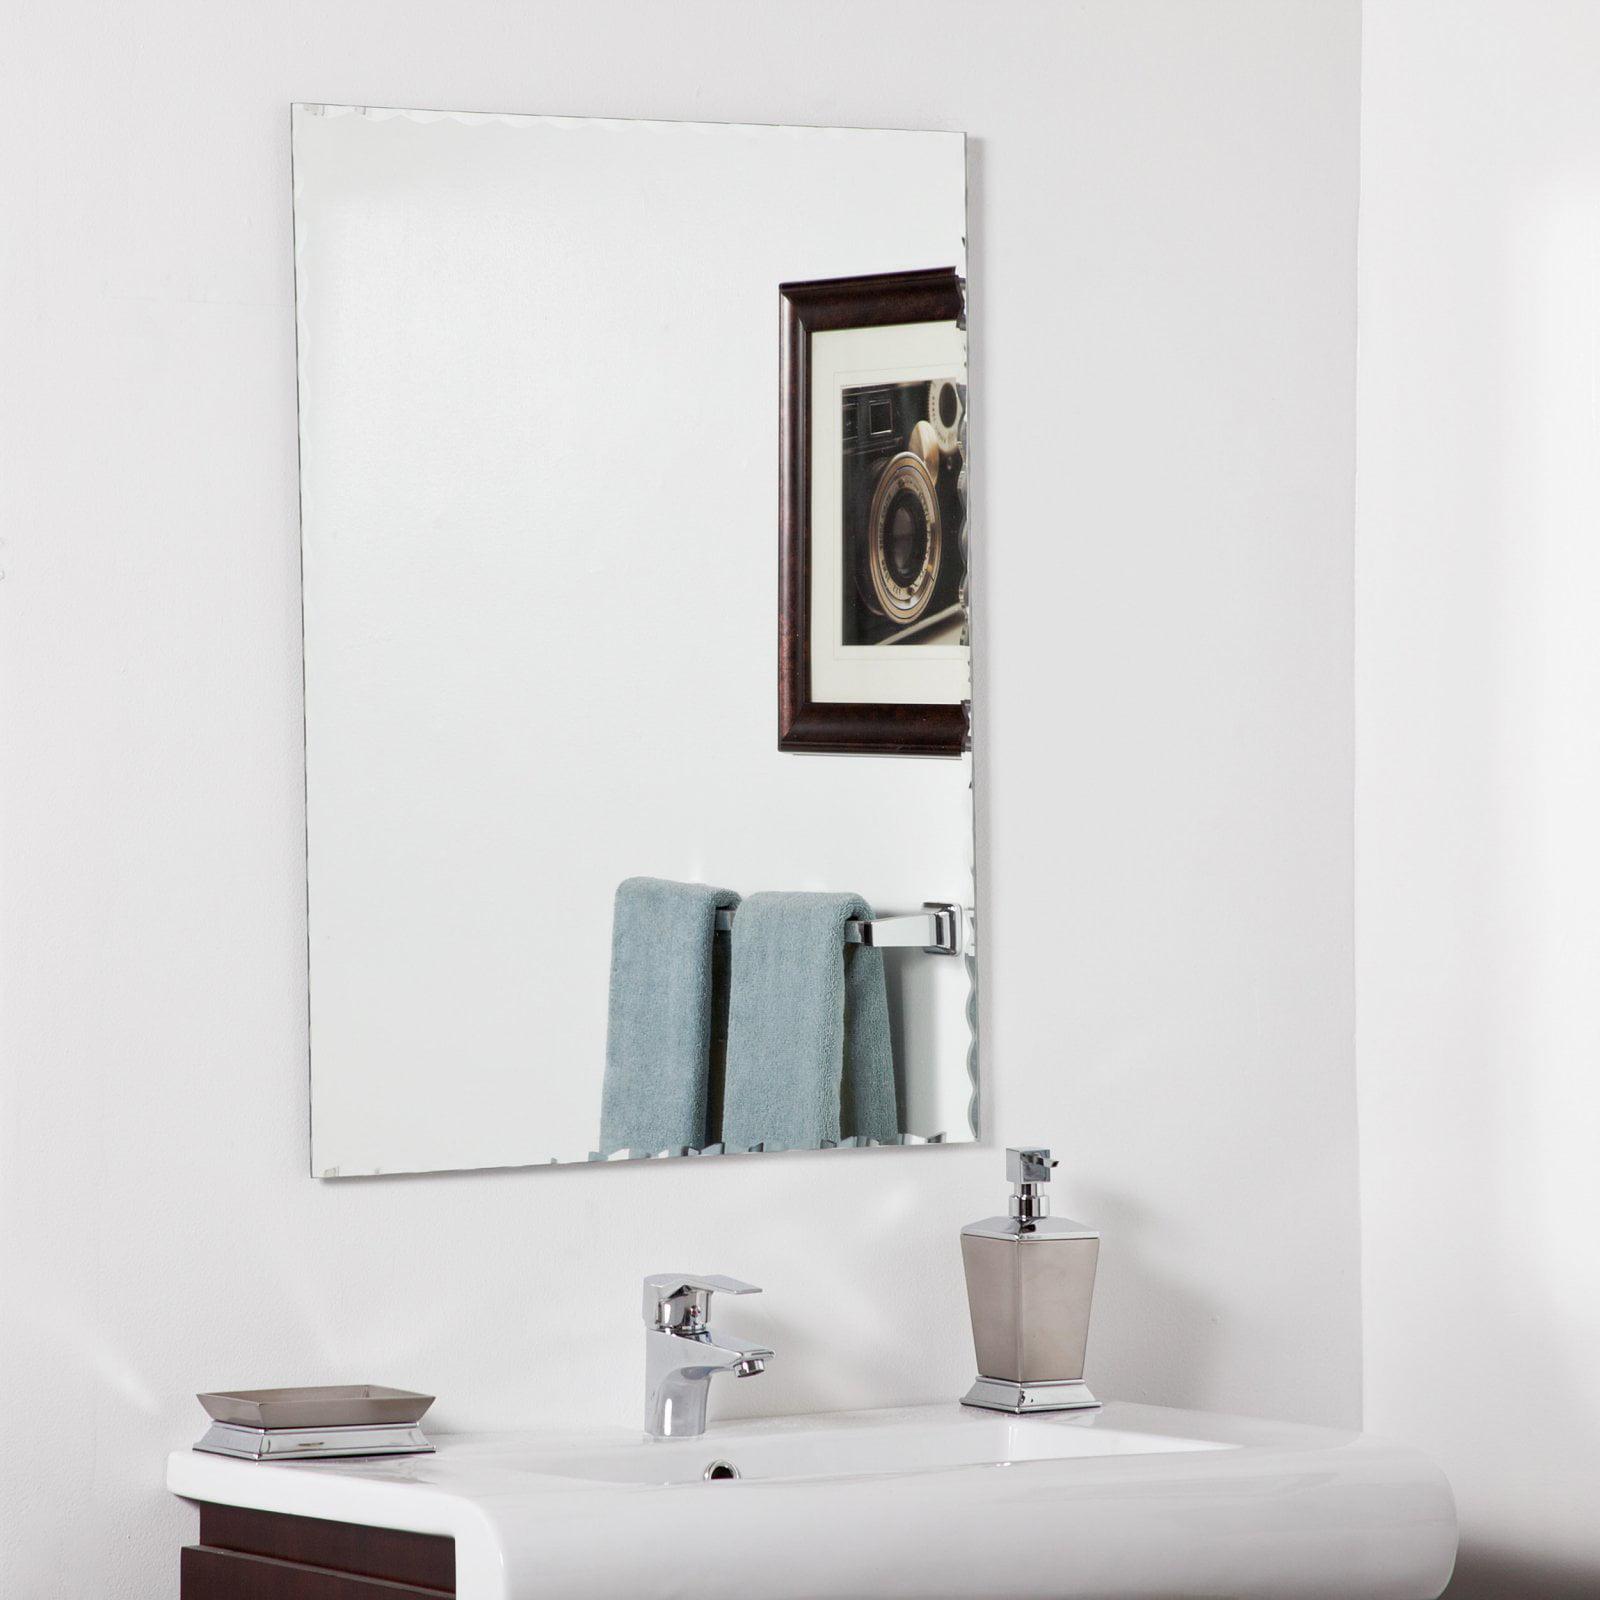 Décor Wonderland Madeline Modern Bathroom Mirror 23.6W x 31.5H in. by Decor Wonderland of US